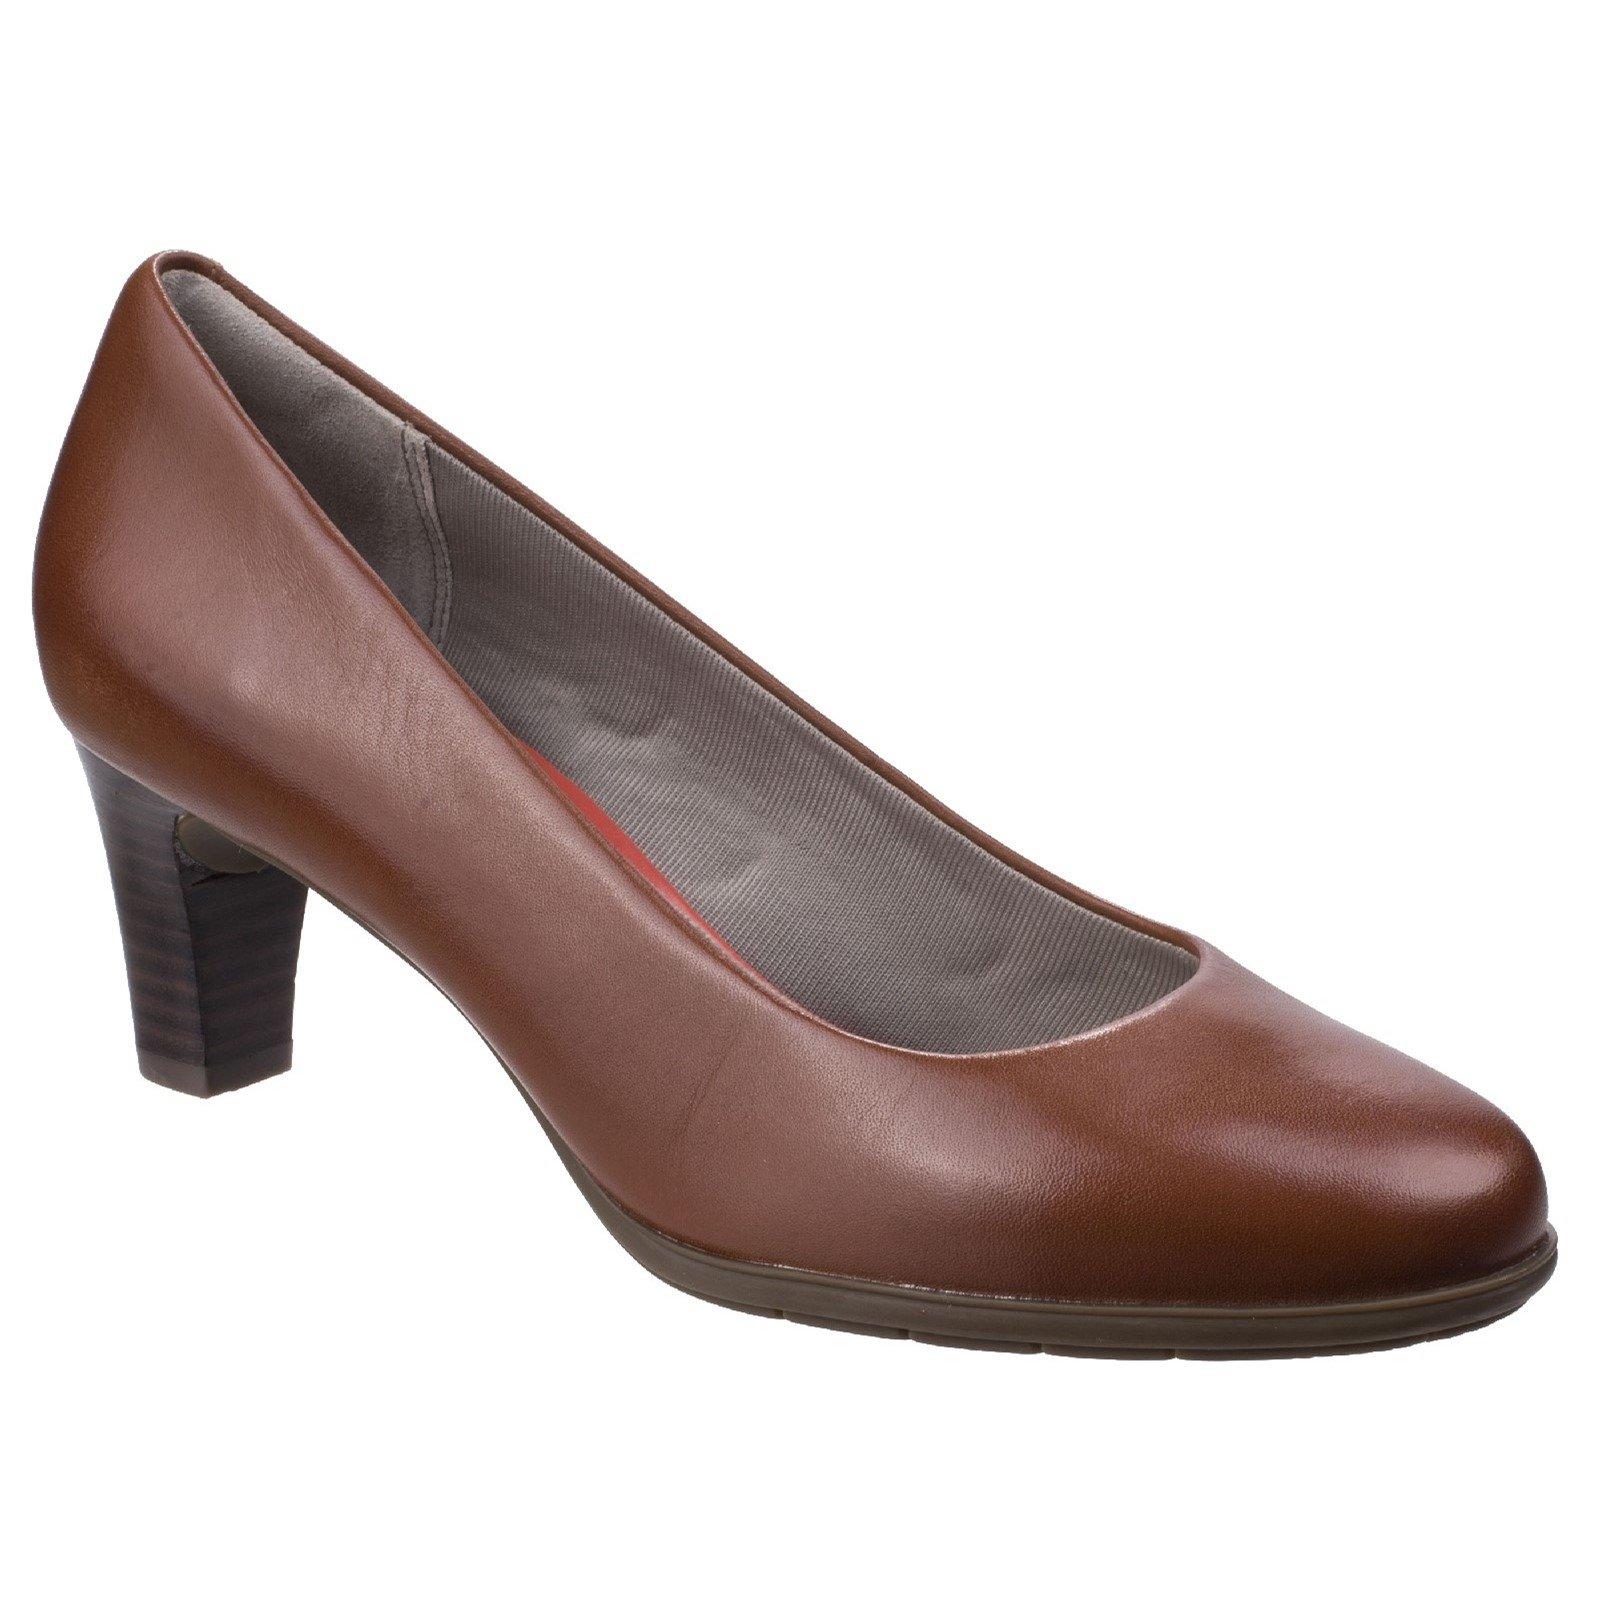 Rockport Women's Melora Plain Pump Shoe Various Colours 26349 - Alpaca 8